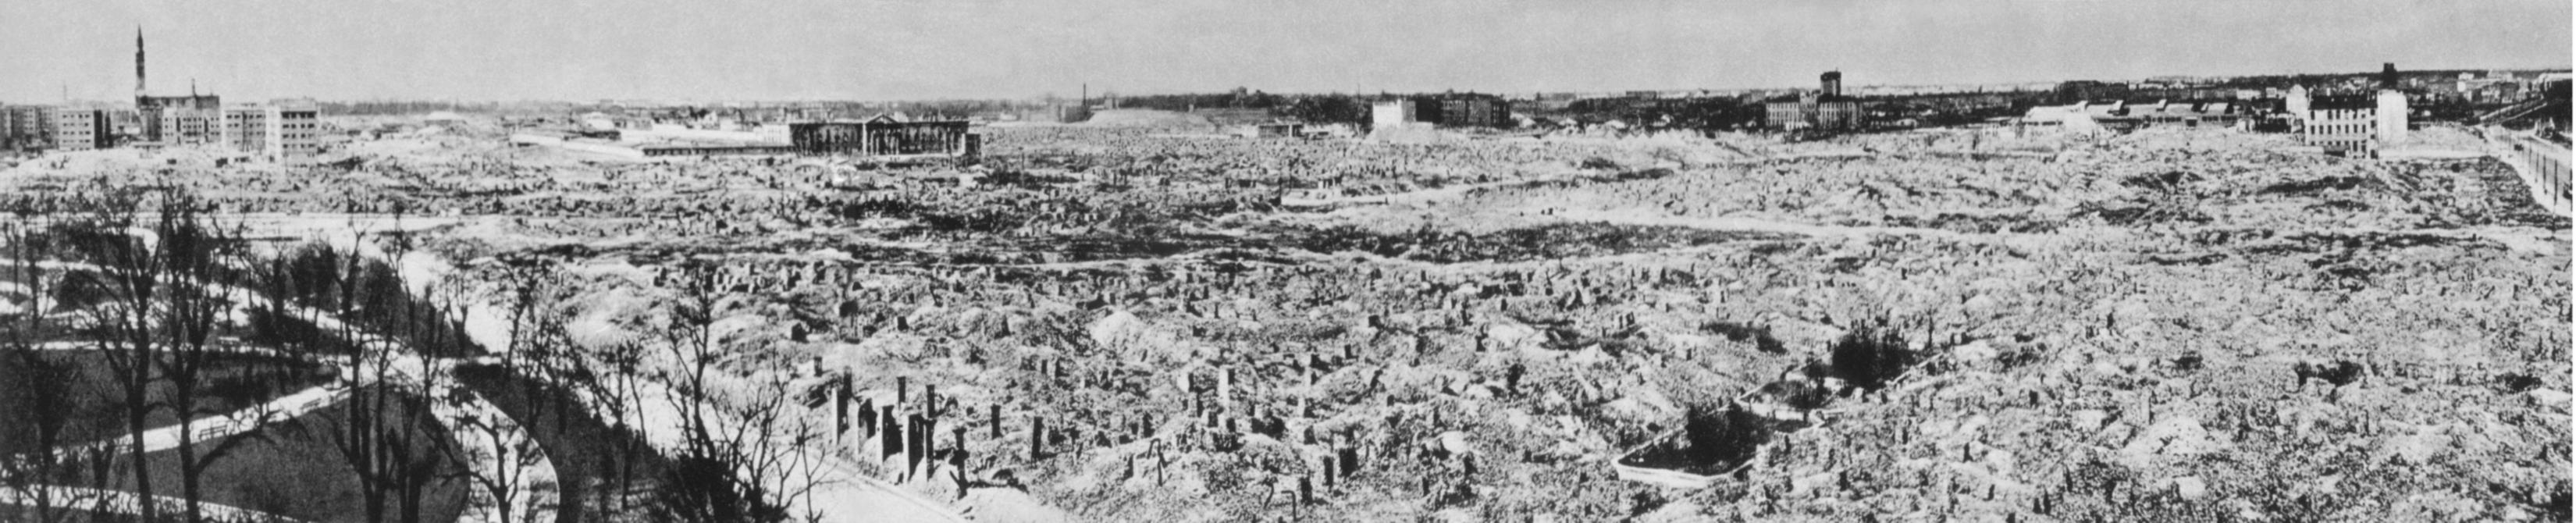 Zerstörtes Warschauer Ghetto, Fotot: Zbyszko Siemaszko, (CAF Warschau), public domain